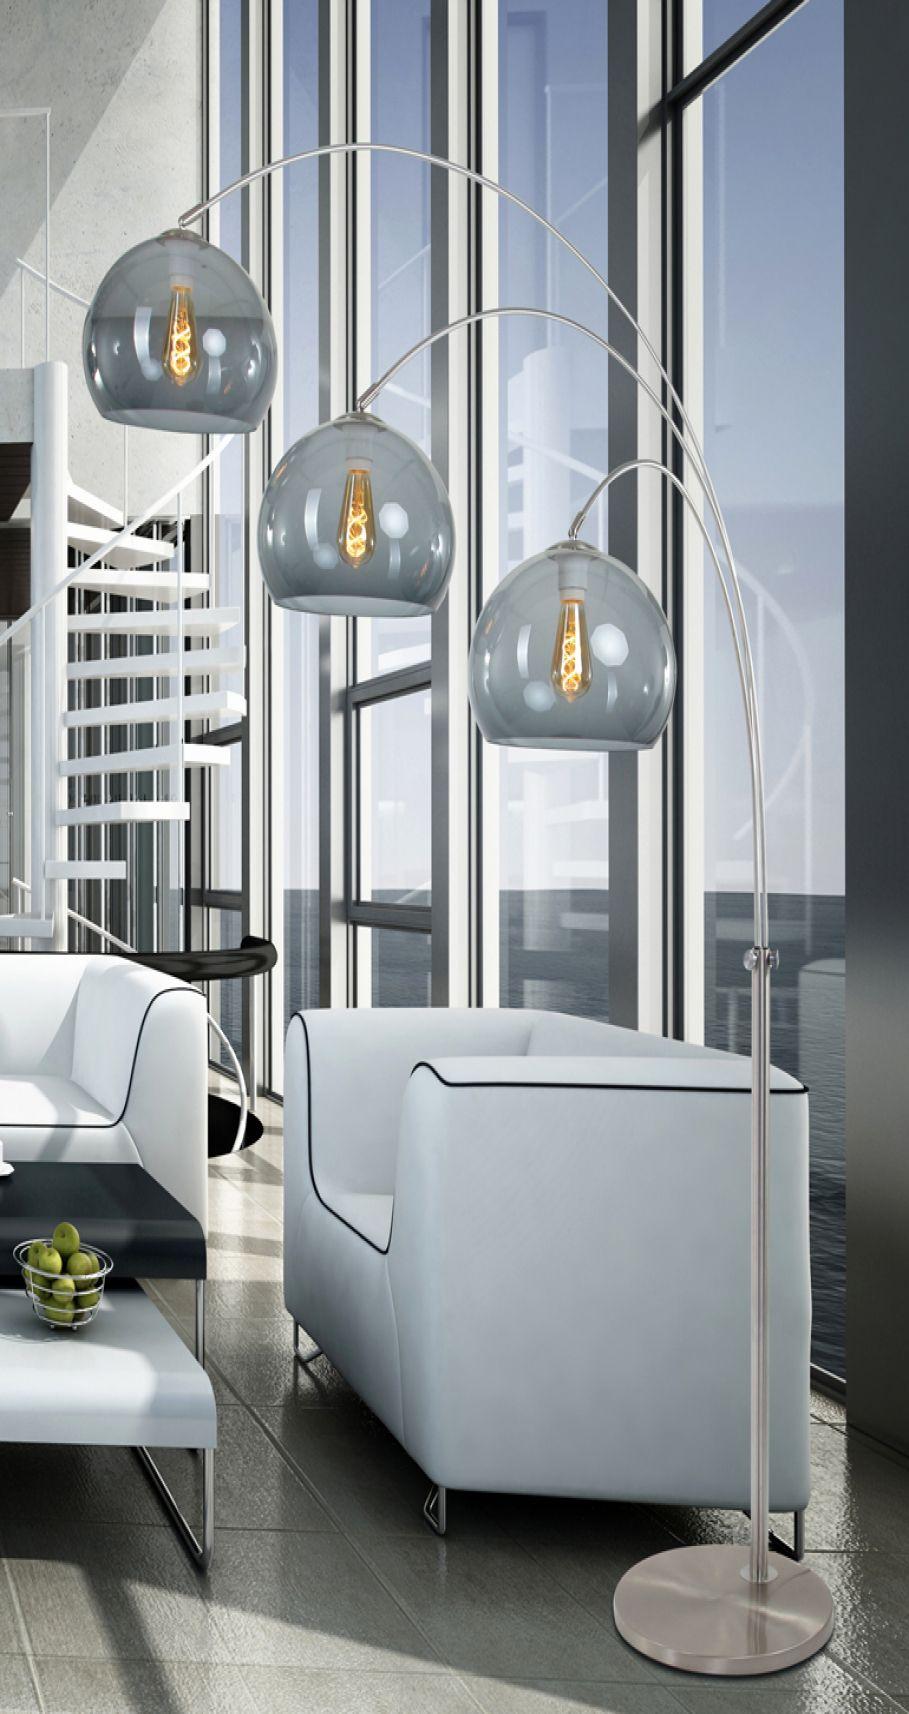 Design Wohnzimmer Stehlampe Steinhauer Gramineus Stehlampe